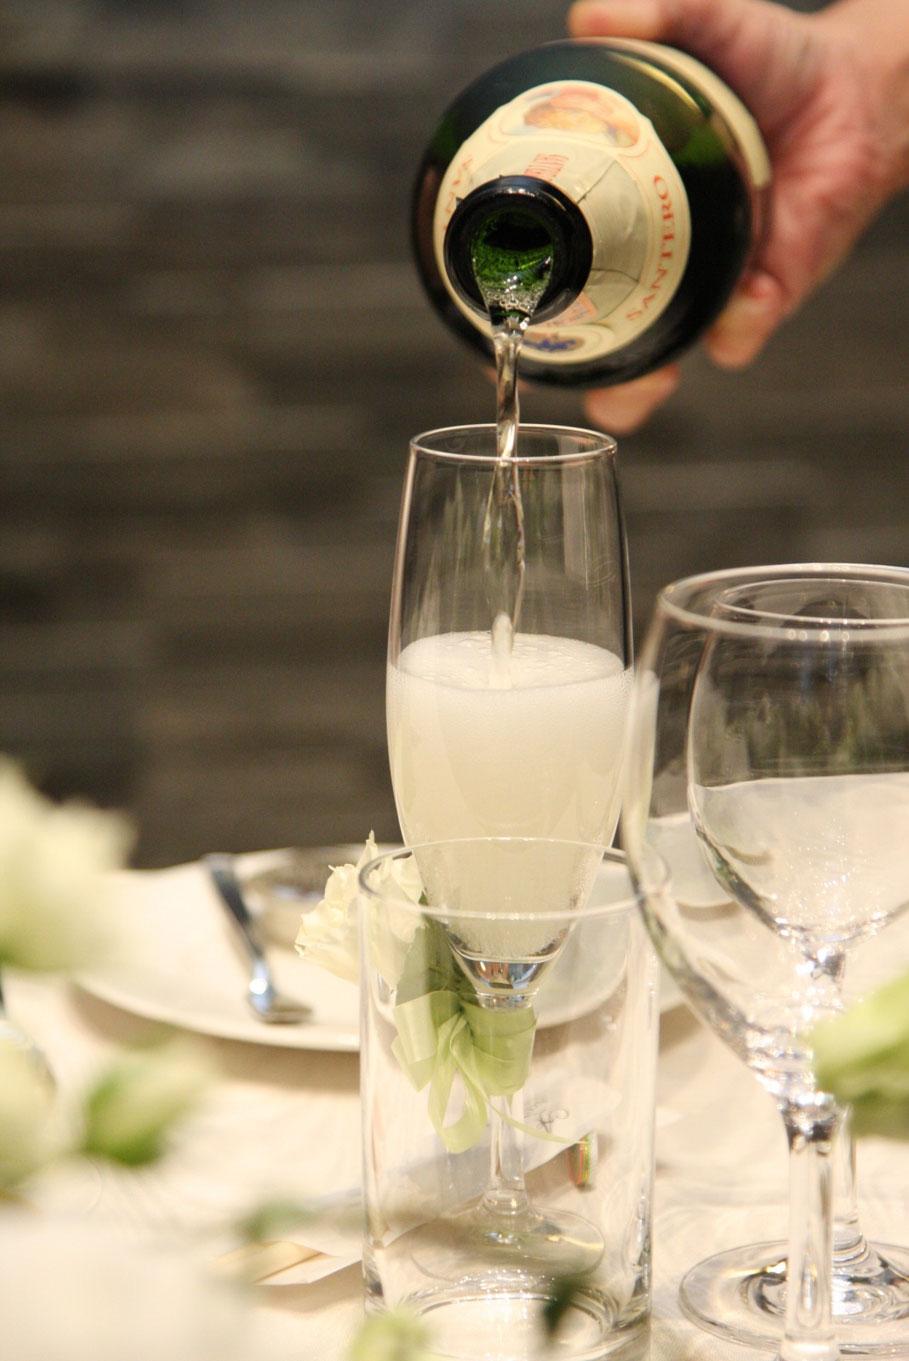 渋谷turtlesタートルズ パーティーコース Bコース スパークリング・ワインで乾杯